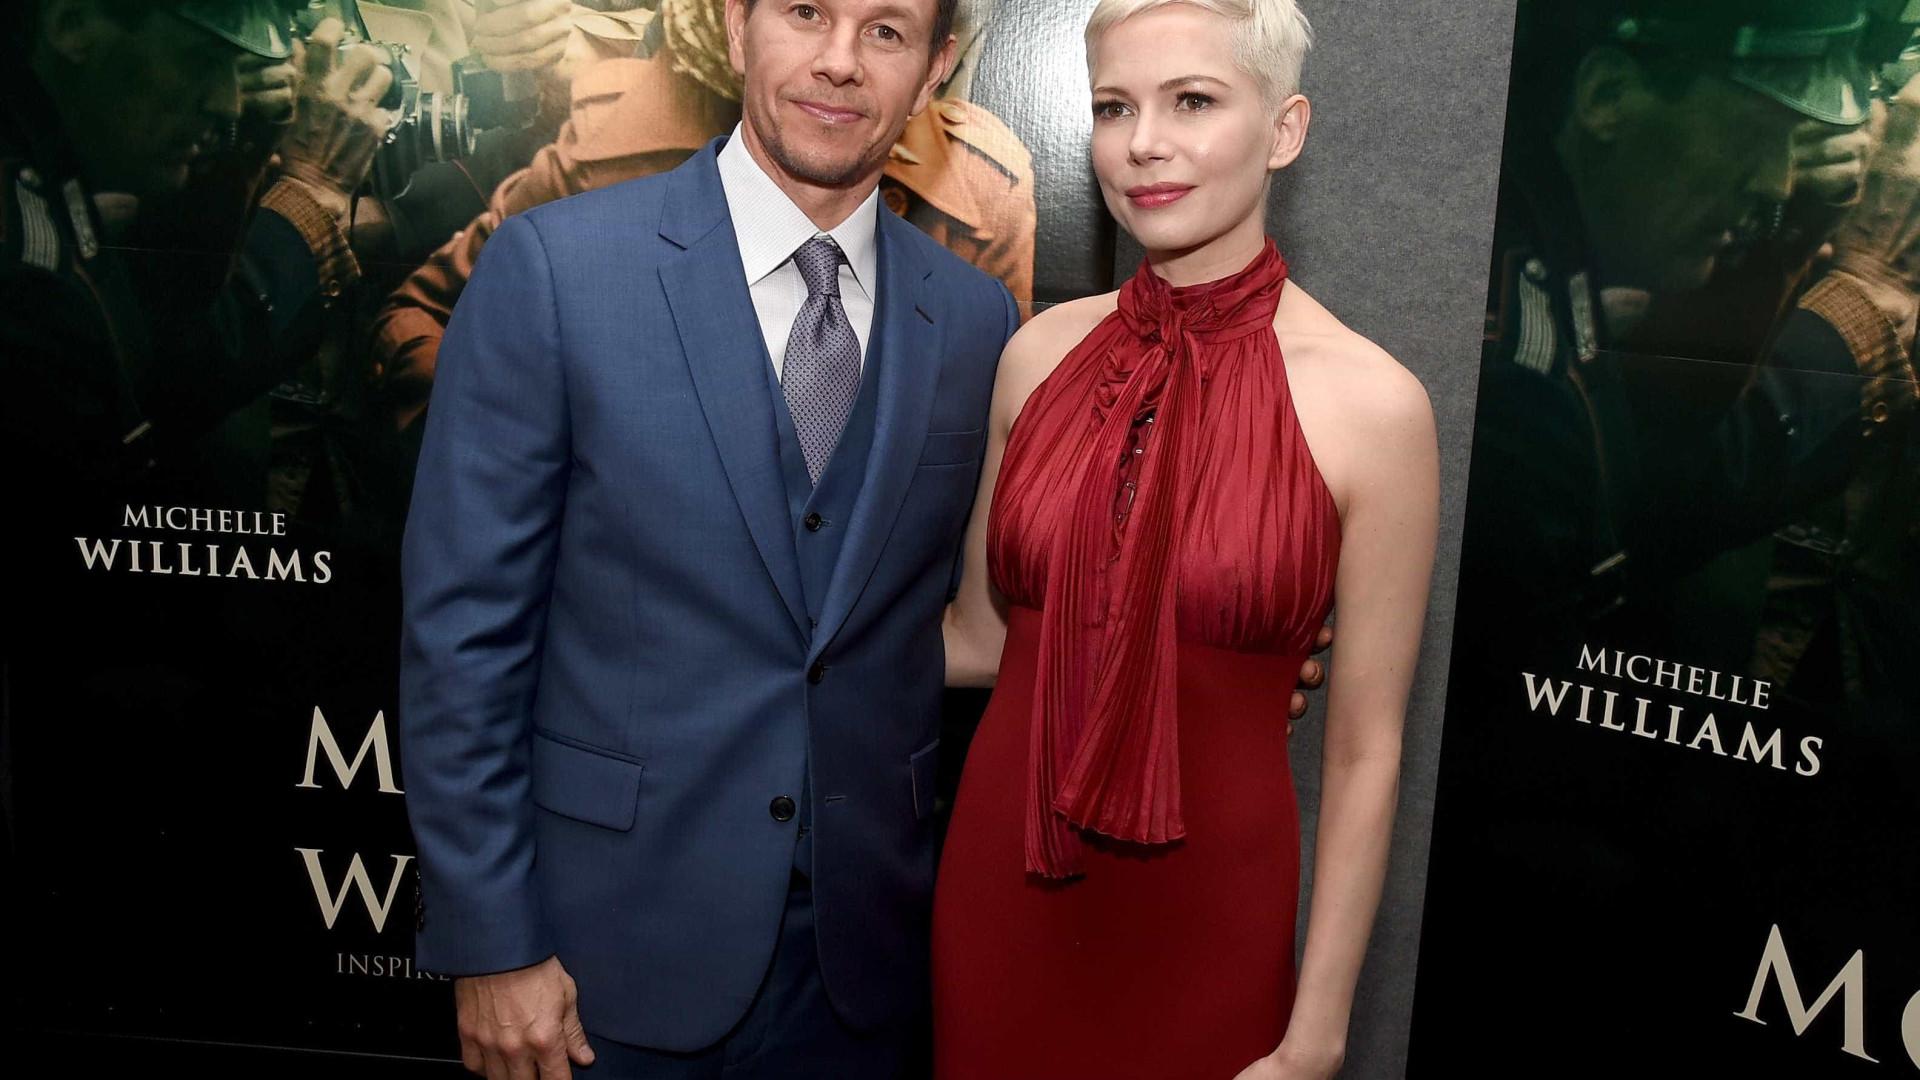 Wahlberg doou 1,5 milhões à Time's Up em nome de Michelle Williams